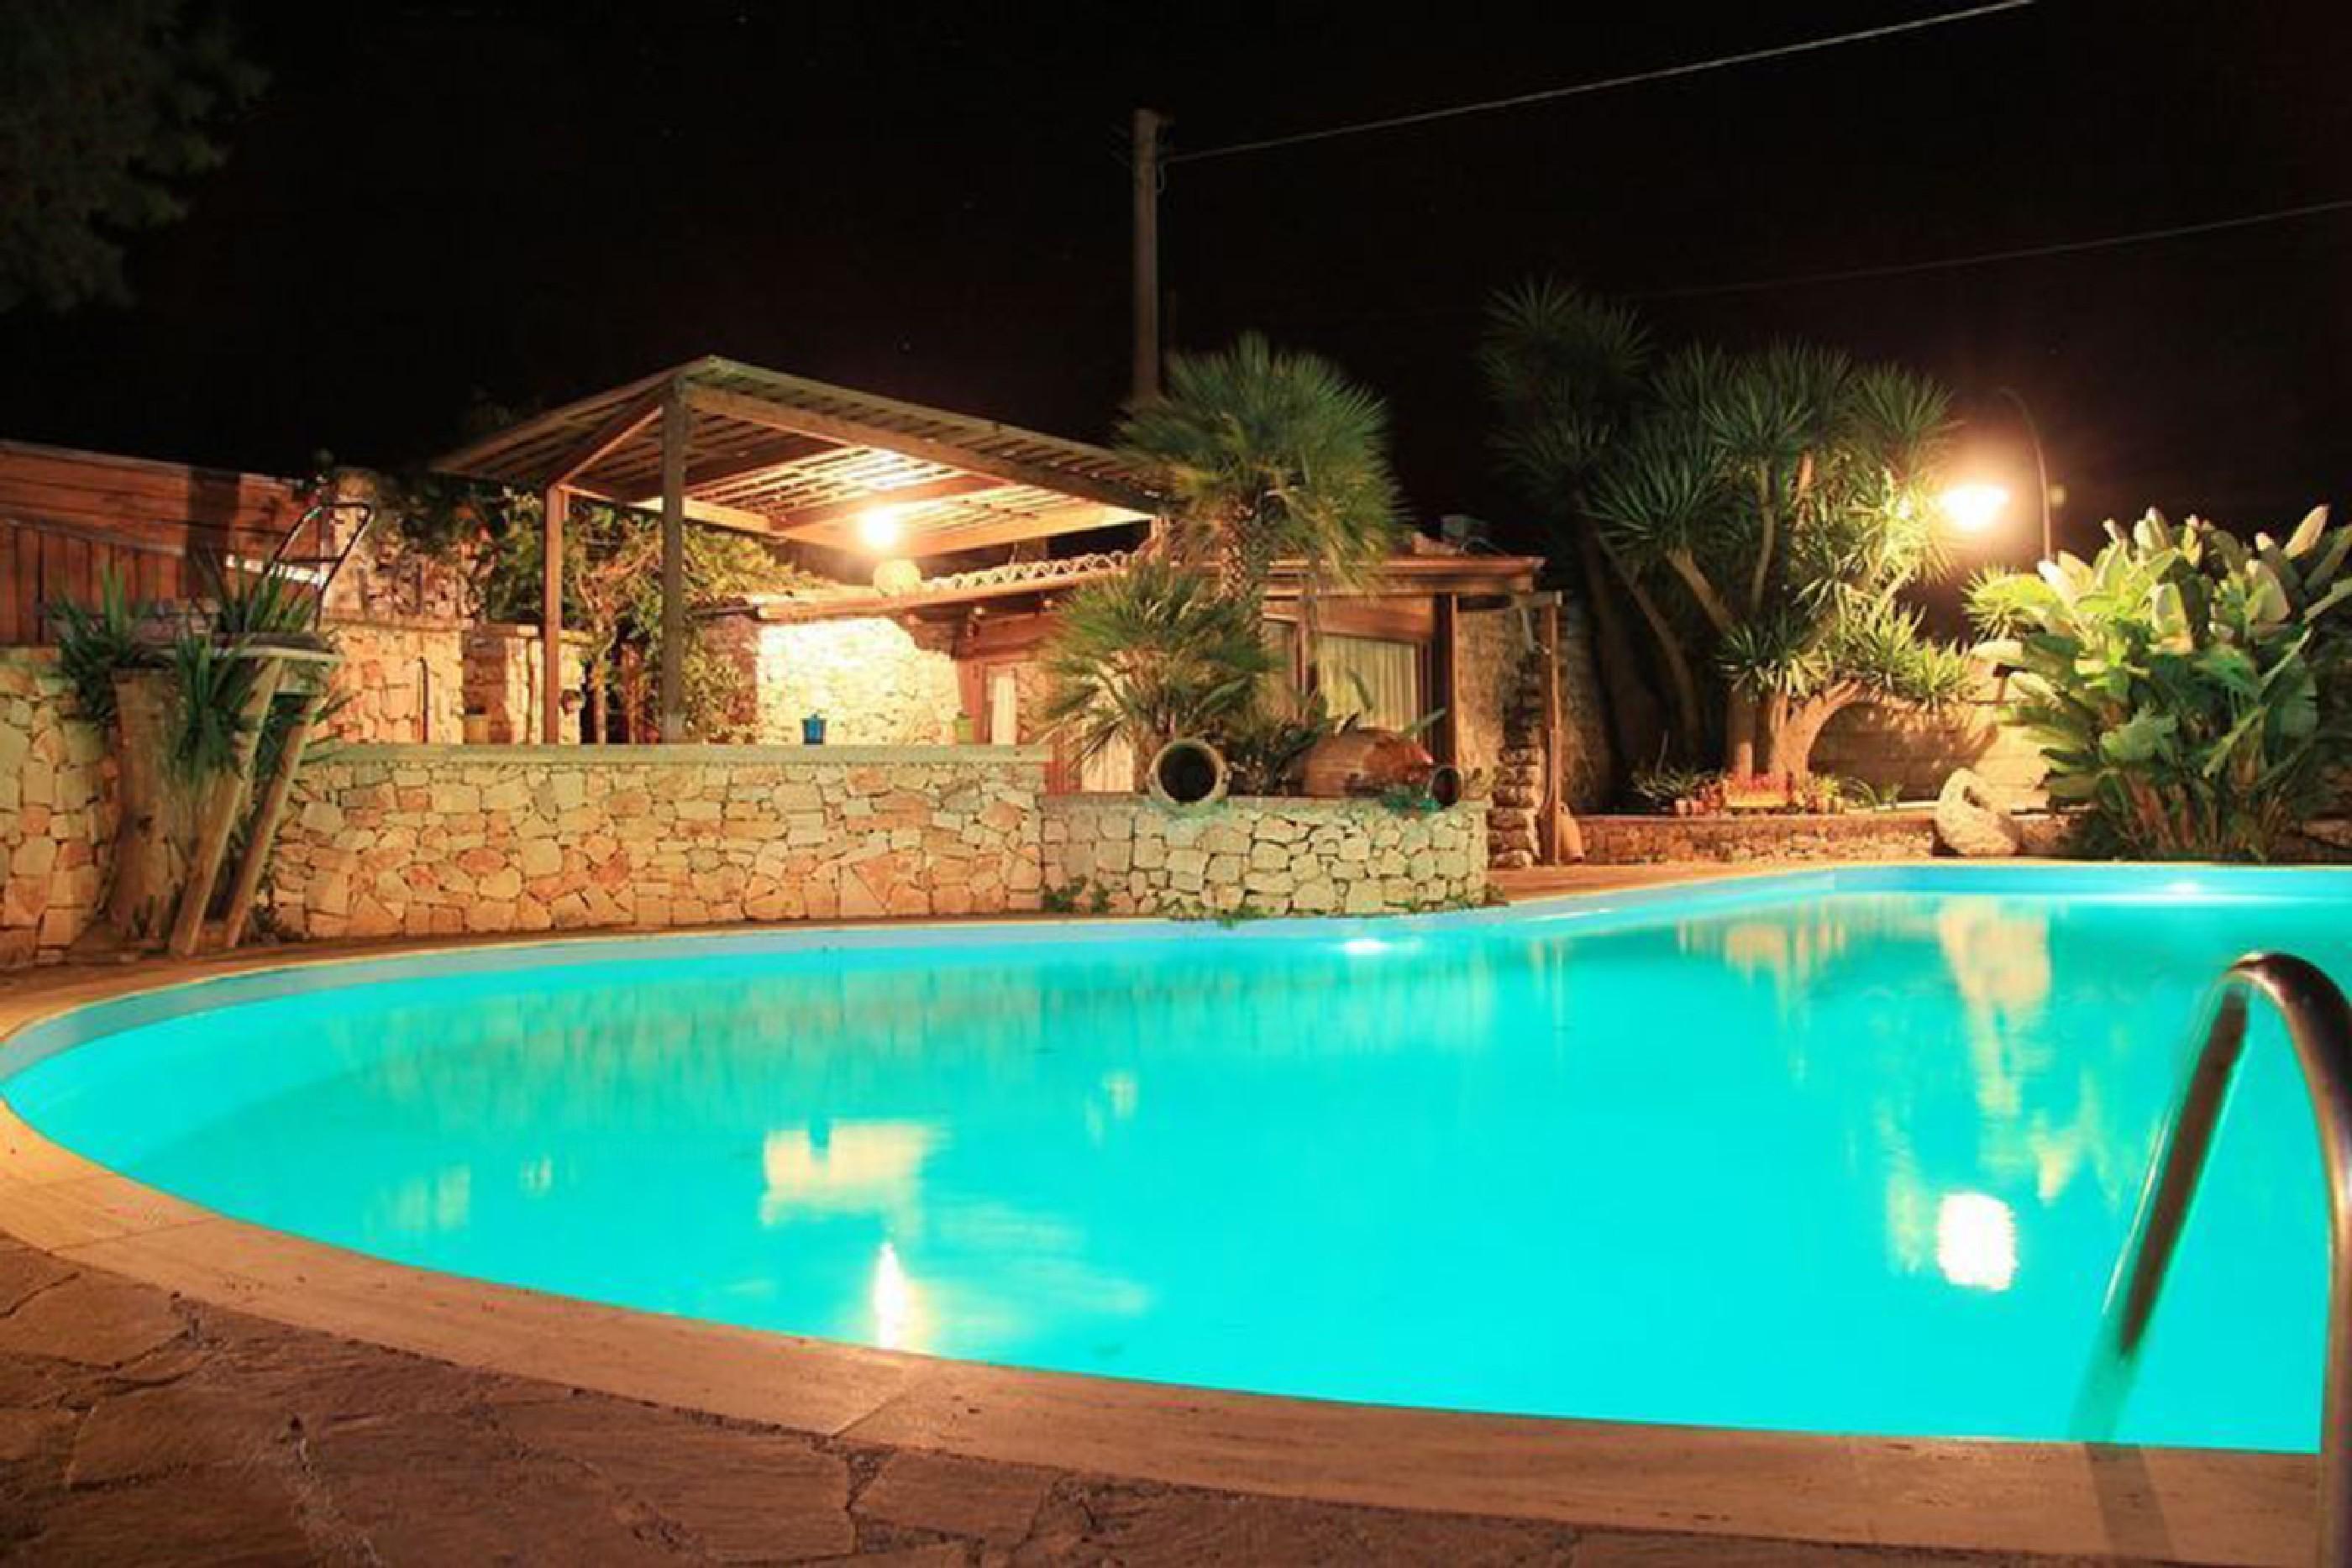 Apartment Merlo Trullo con piscina photo 20256366